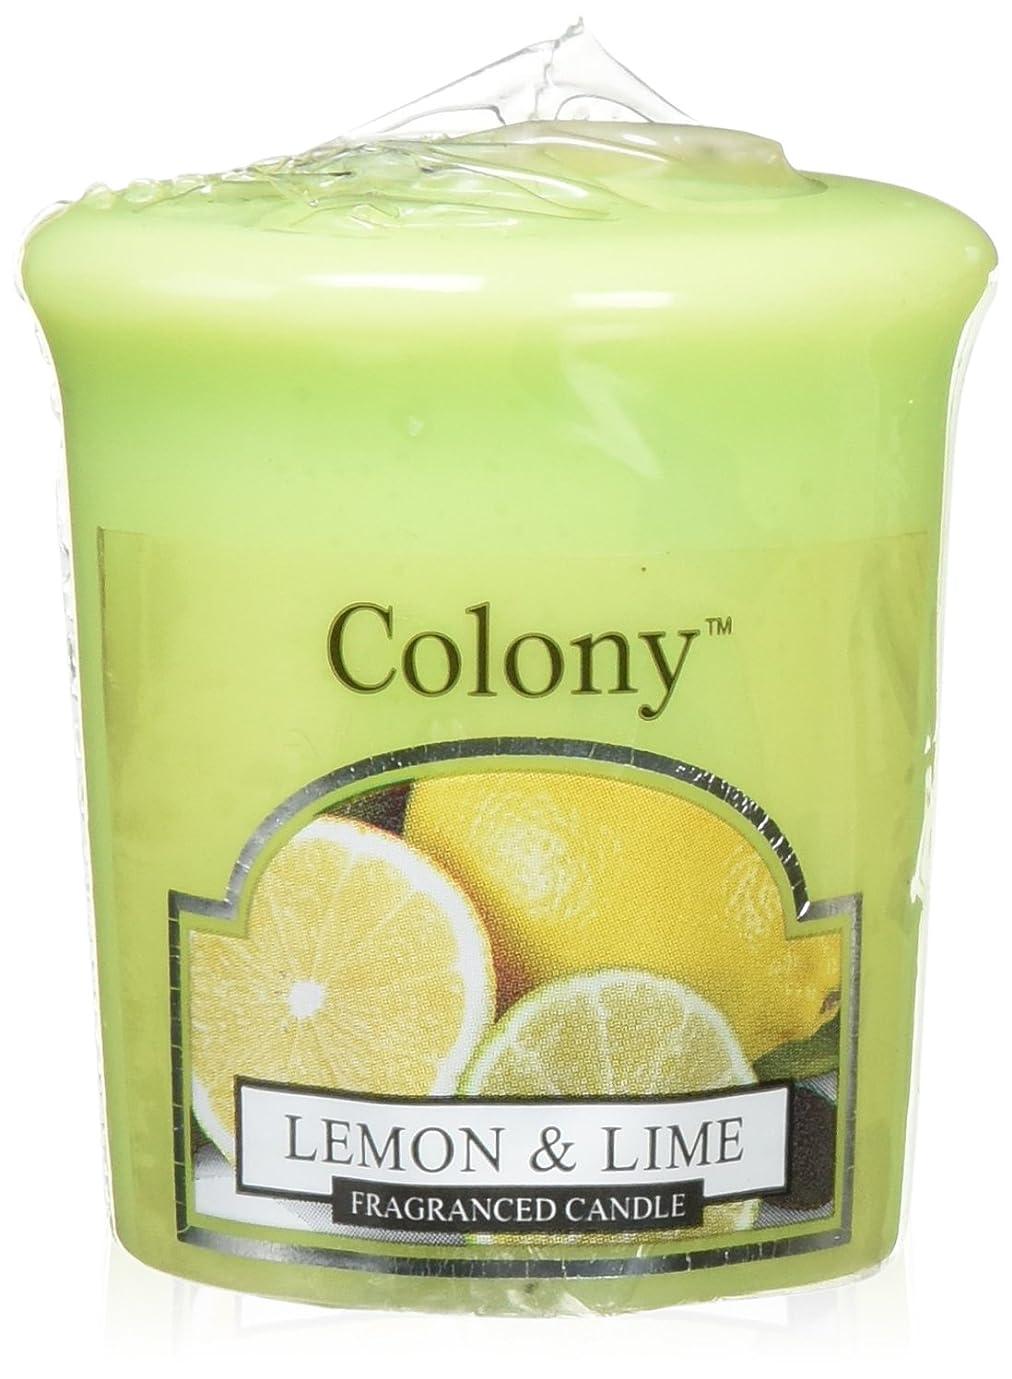 シソーラス軸ストリップWAX LYRICAL ENGLAND Colony HomeScents Series センターキャンドル レモン&ライム CNCH0568